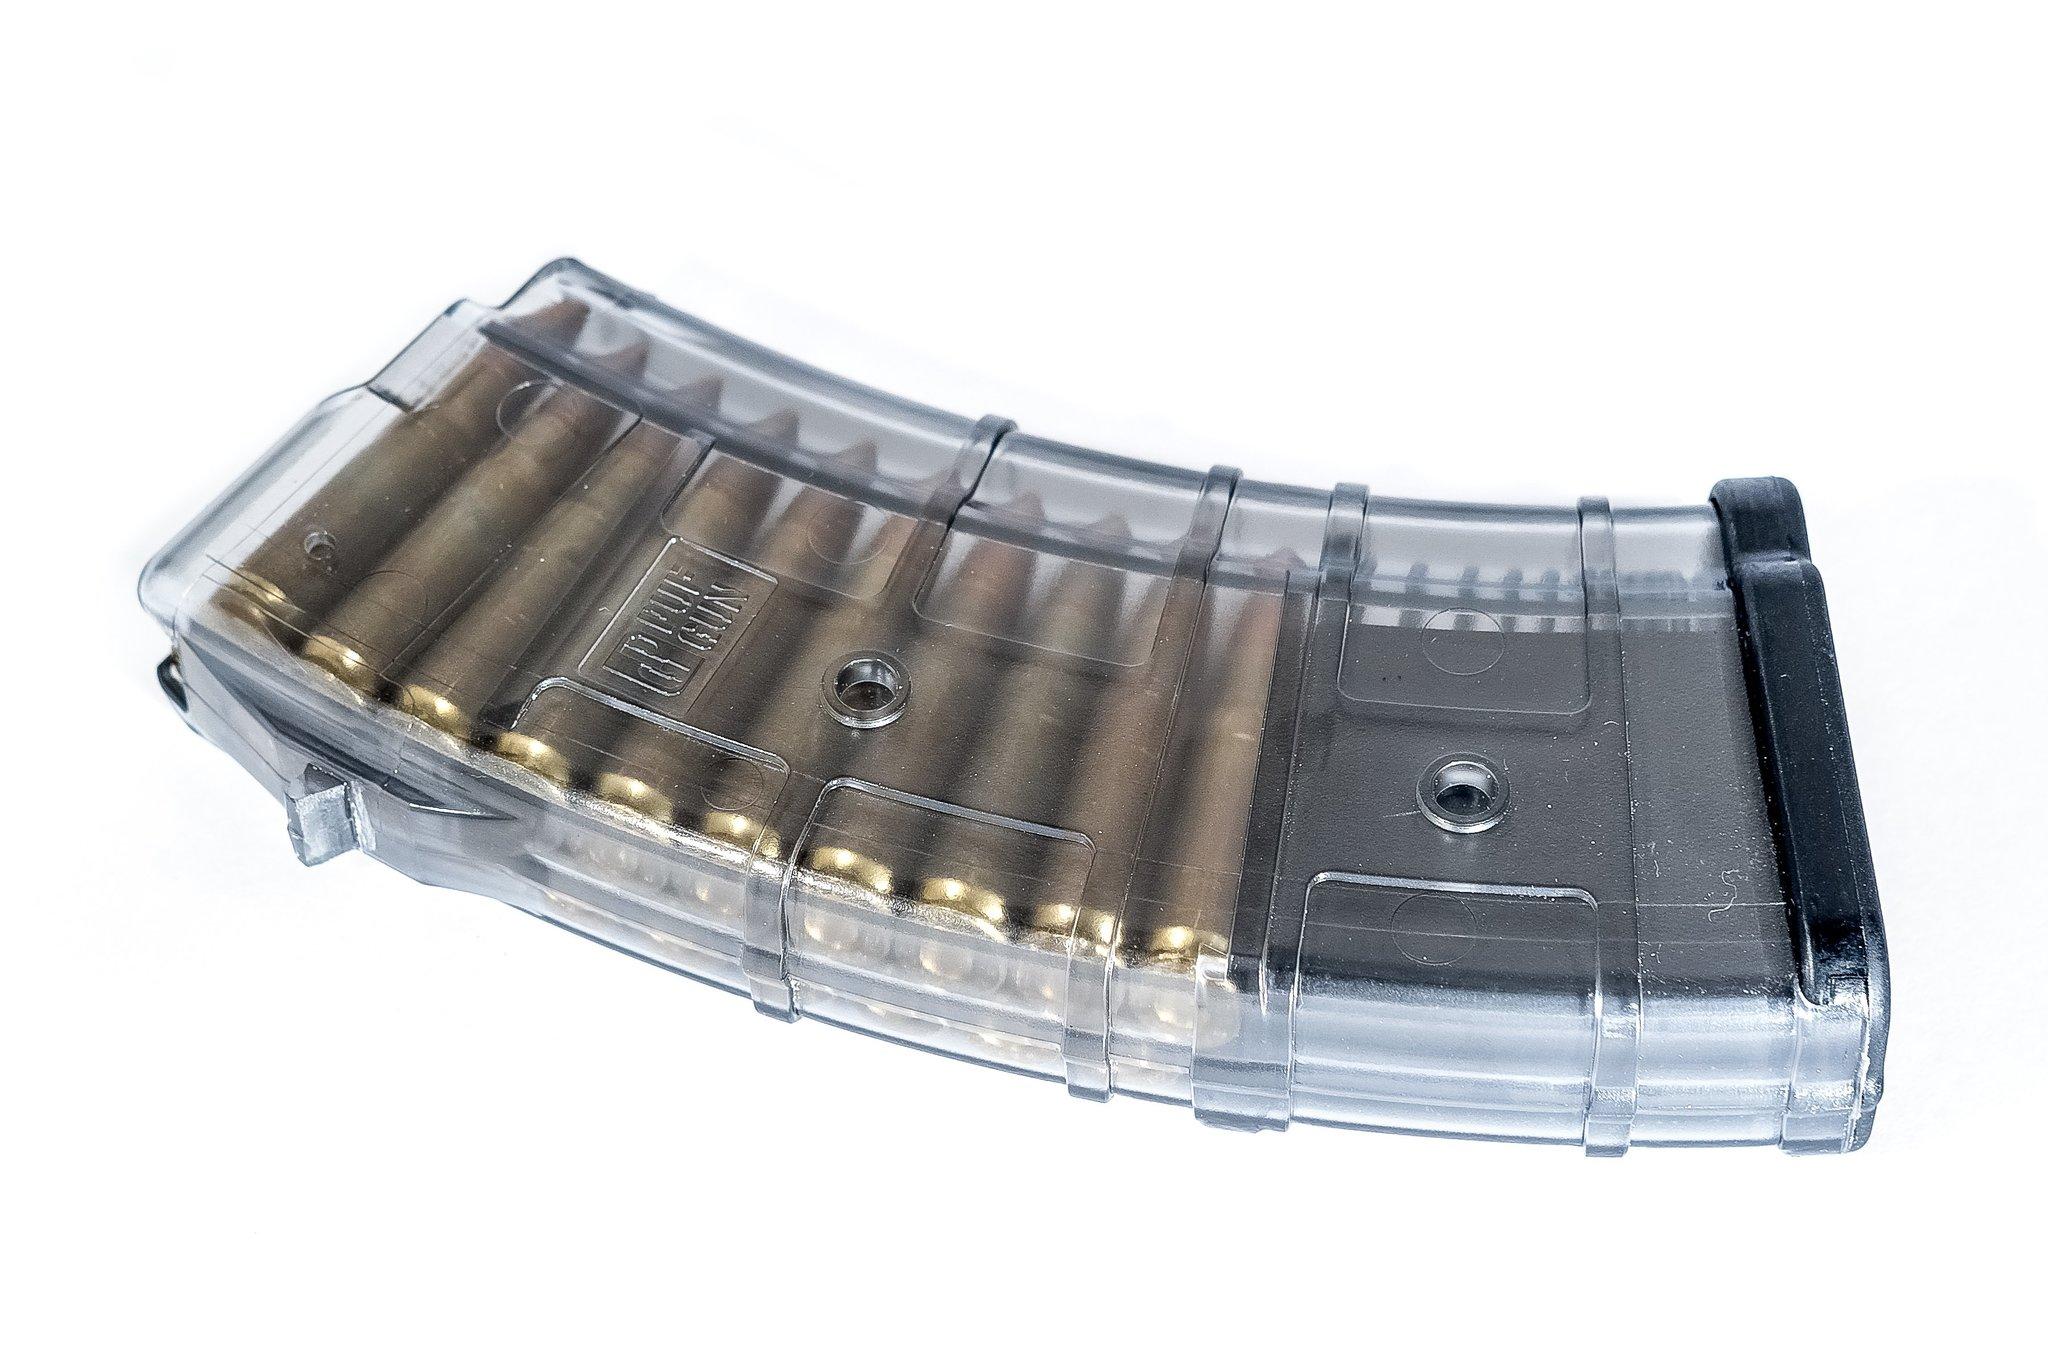 Магазин Pufgun для АК/Сайга/ВПО-133 7.62x39 на 20 патронов, прозрачный